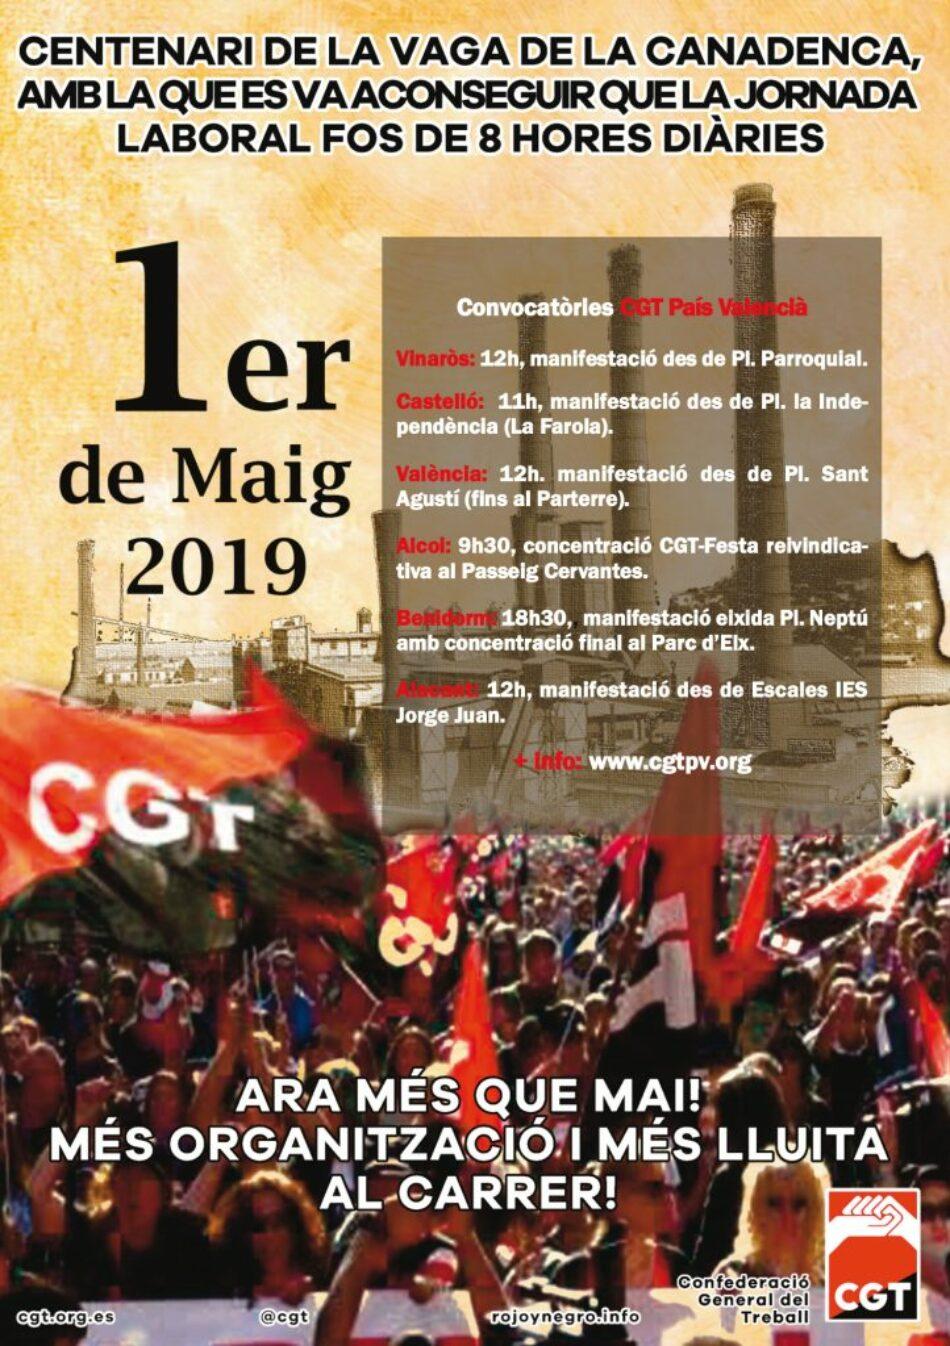 CGT-PV davant el 1er de Maig 2019: Ara més que mai! Més organització i més lluita al carrer!